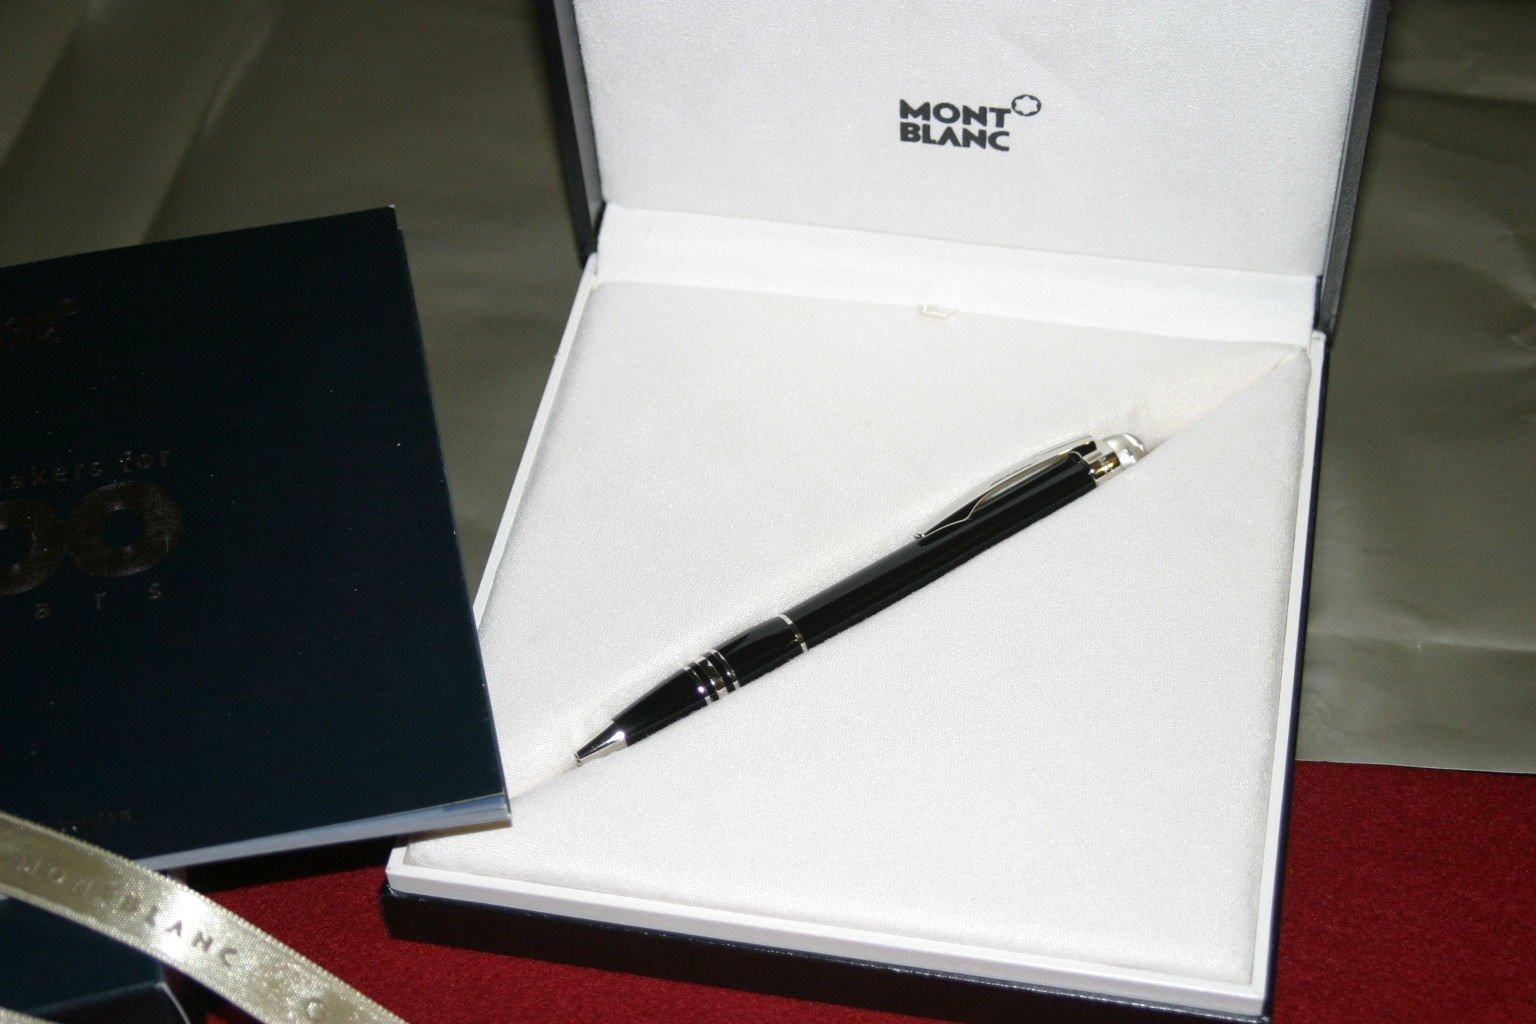 Montblanc 38302 StarWalker Special Edition Diamond Star Ballpoint Pen